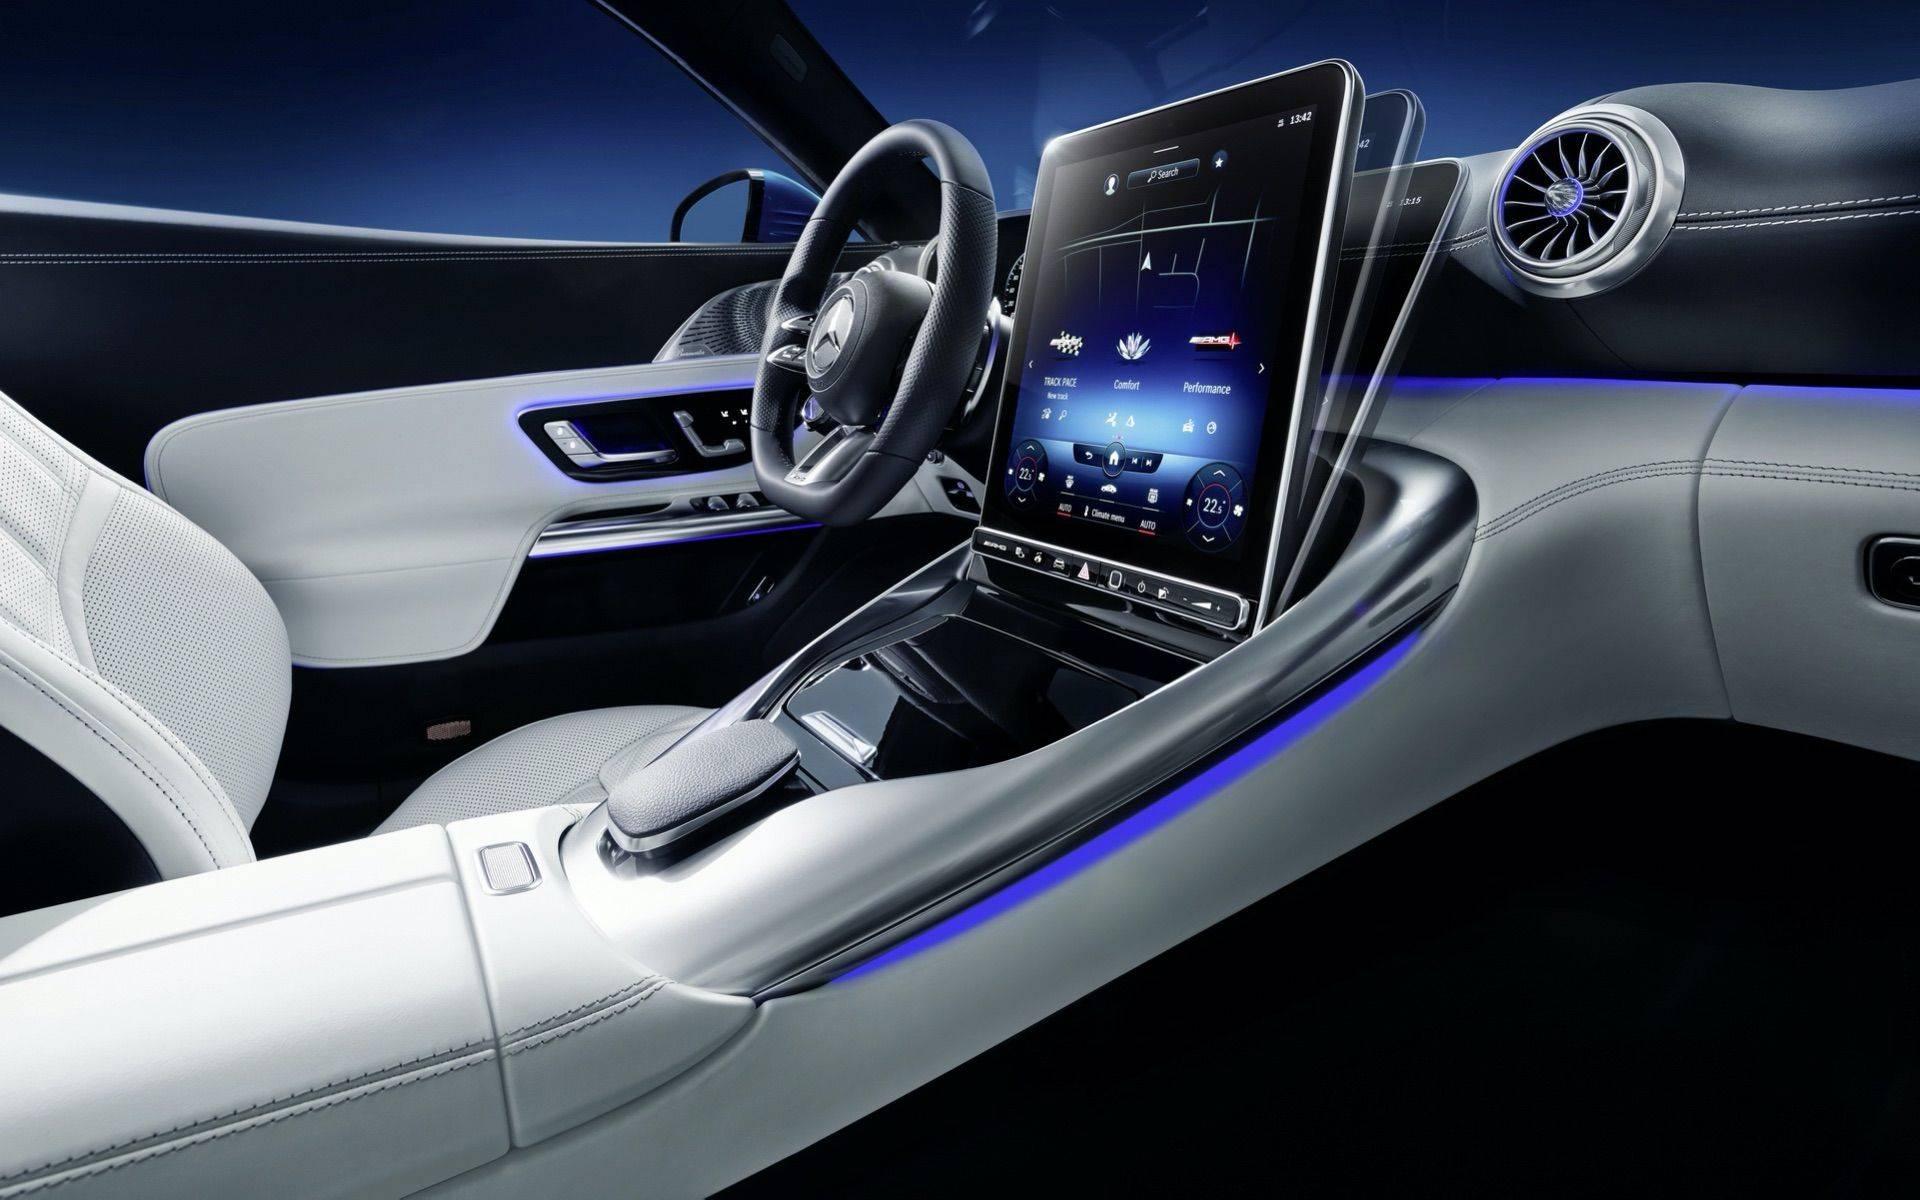 2023-Mercedes-AMG-SL-3_1920x1200